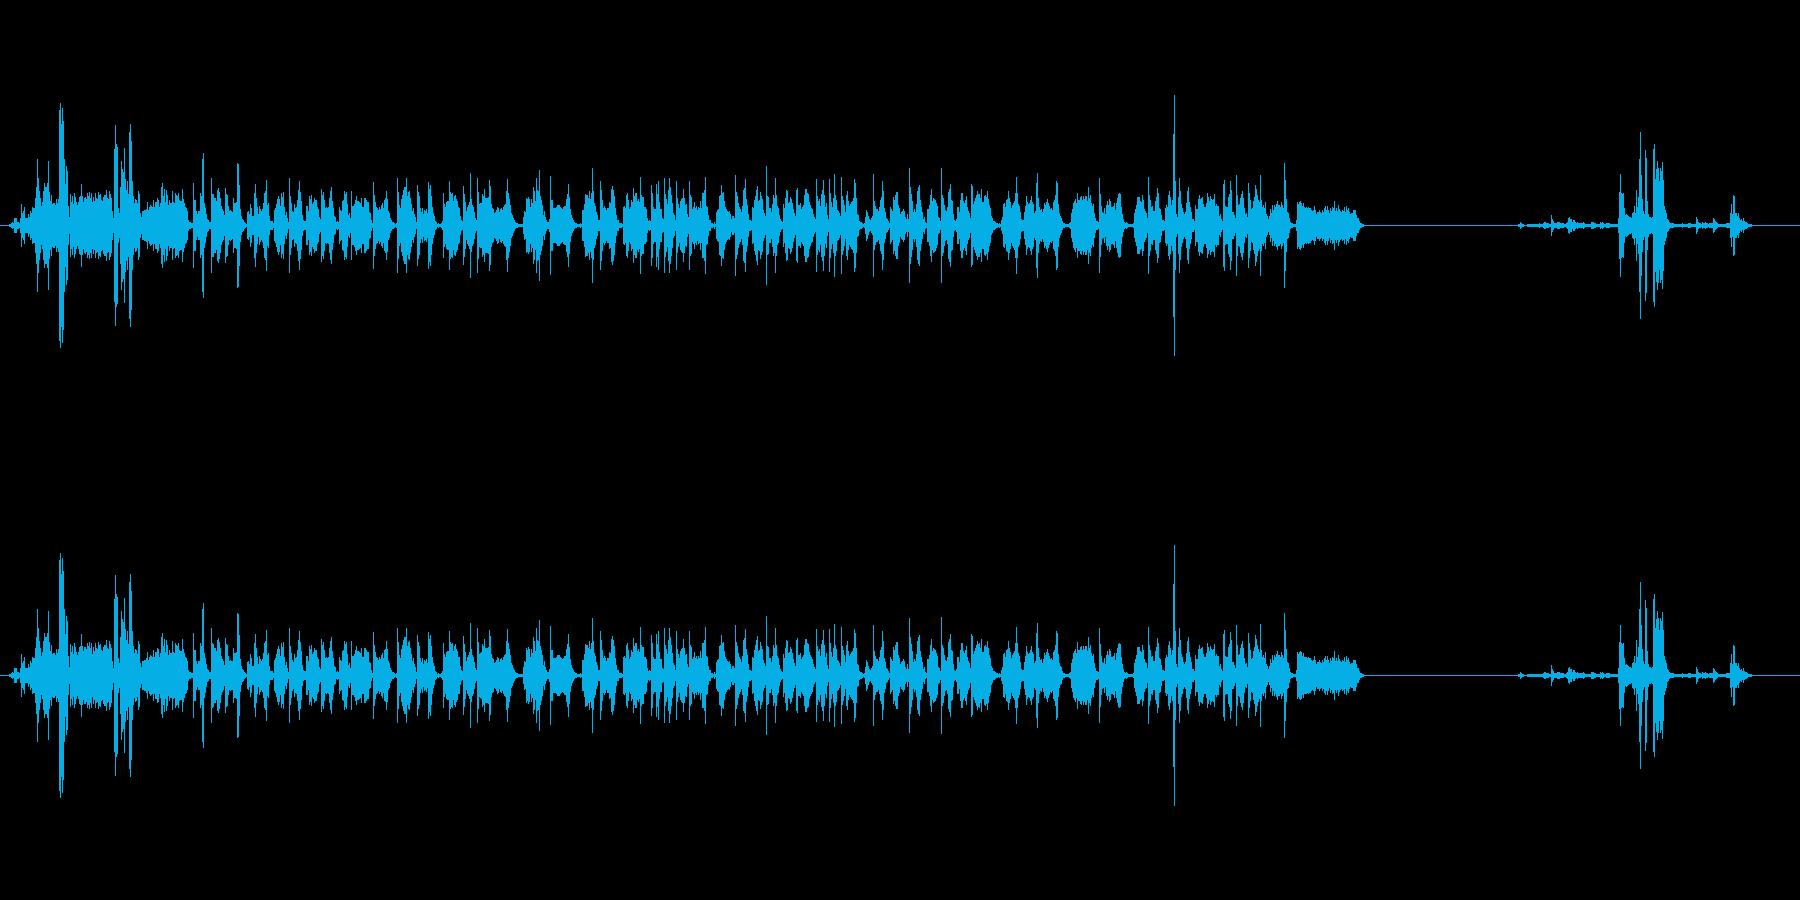 【プリンター01-1】の再生済みの波形